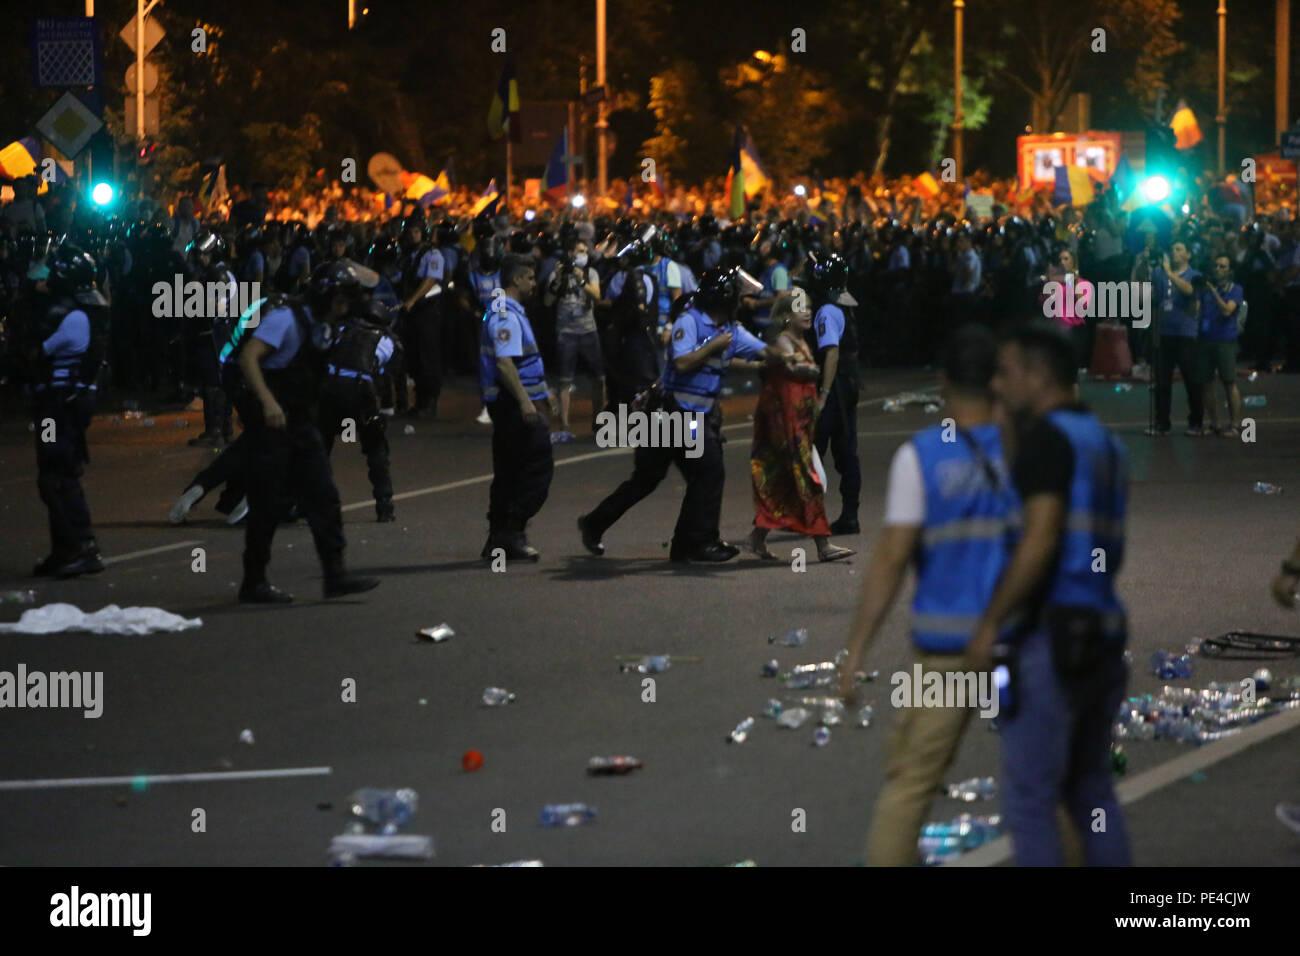 Bucarest, Rumania - Agosto 10, 2018: decenas de miles de personas participan en violentas protestas antigubernamentales en Bucarest. Imagen De Stock